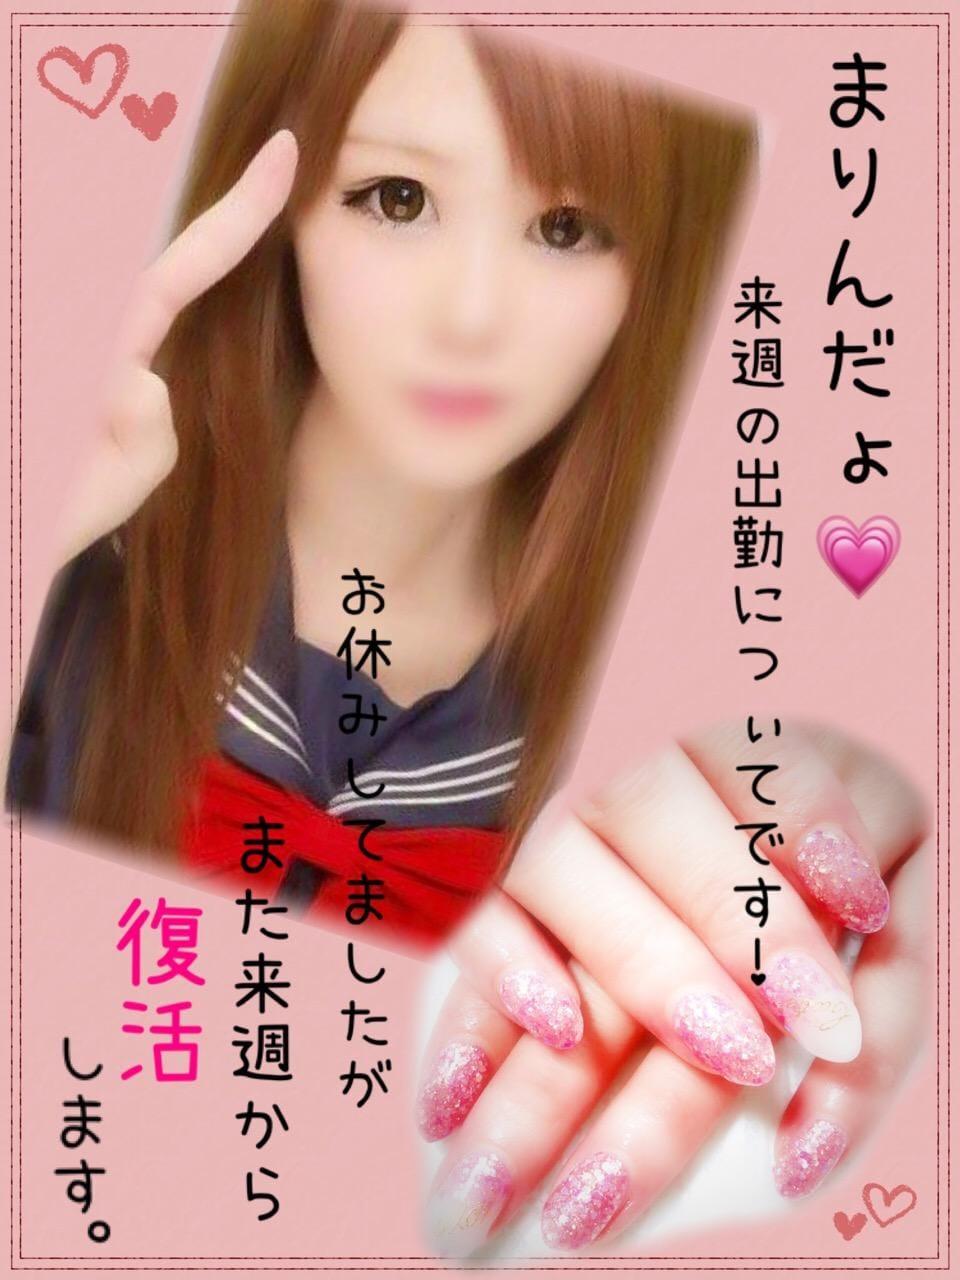 「こんばんわ♡」11/15(金) 22:04 | 超絶S級美女!まりんの写メ・風俗動画